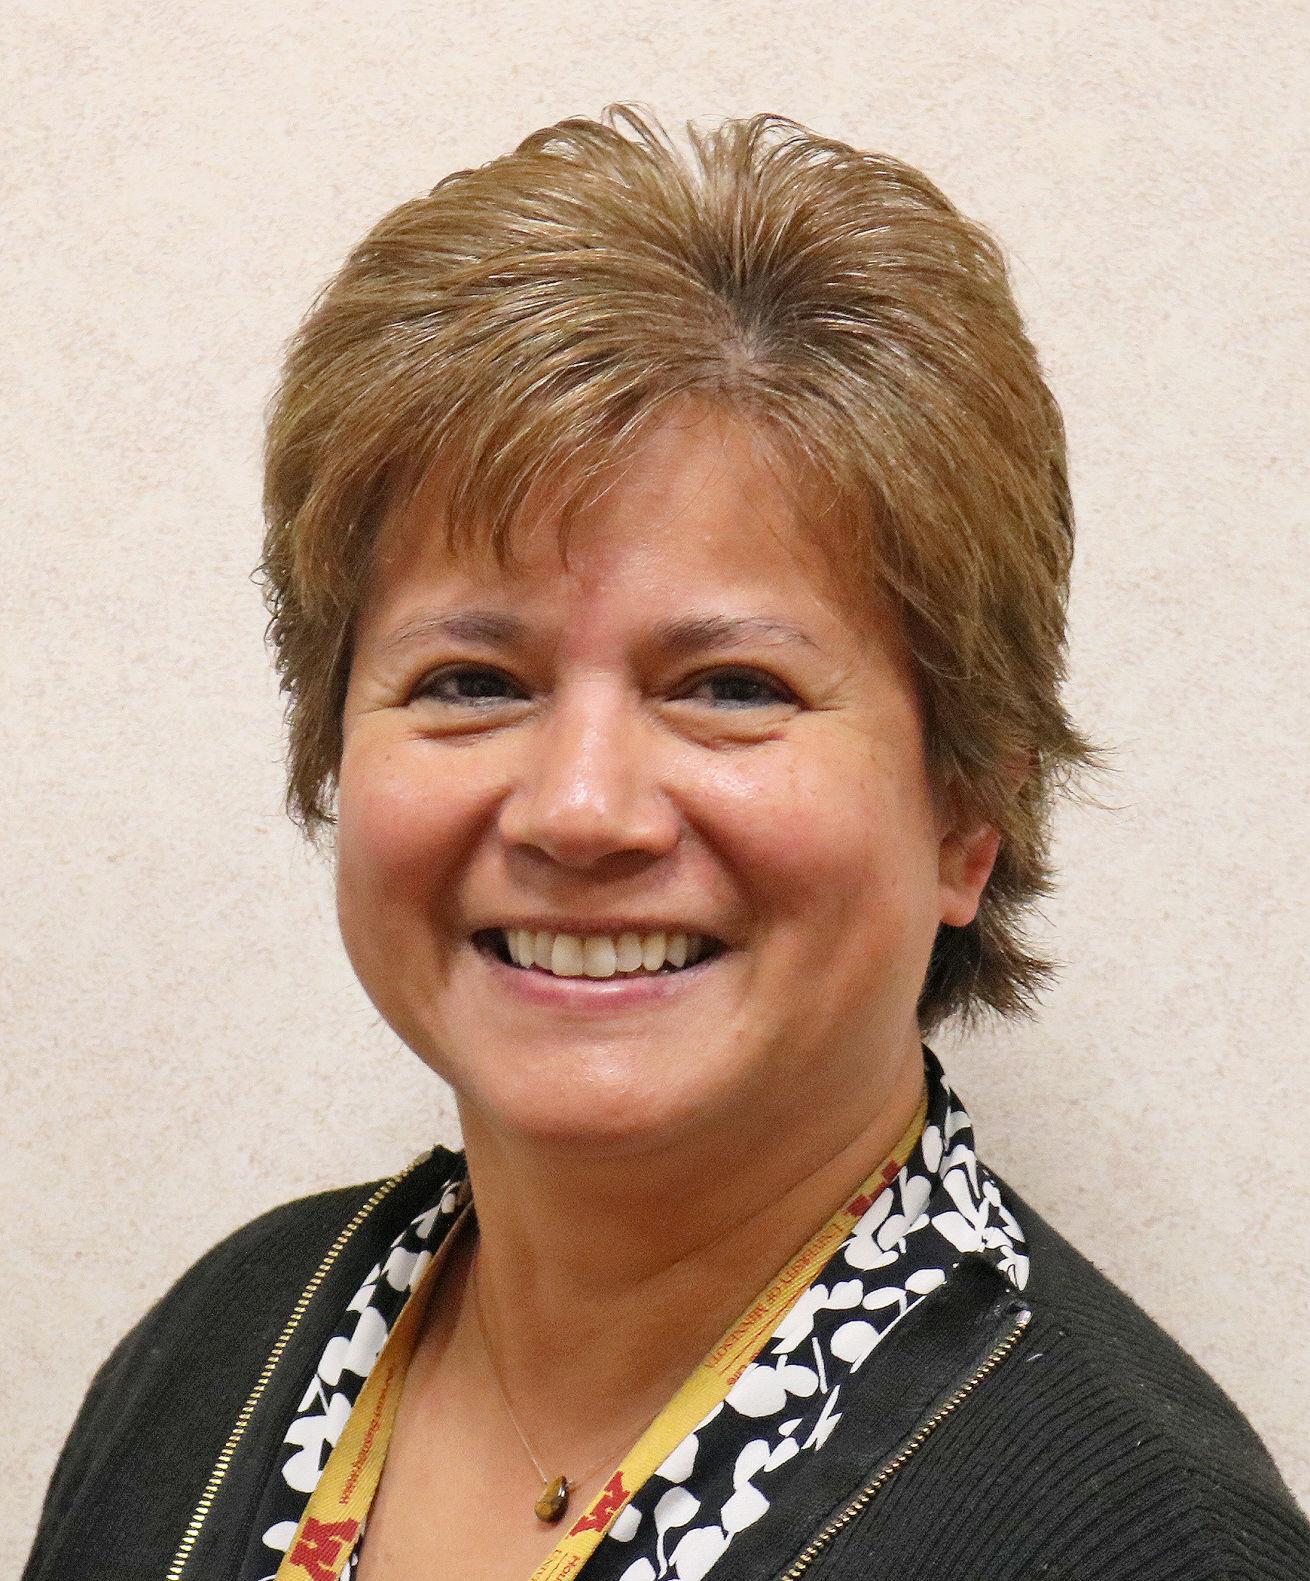 Cathy Piepho